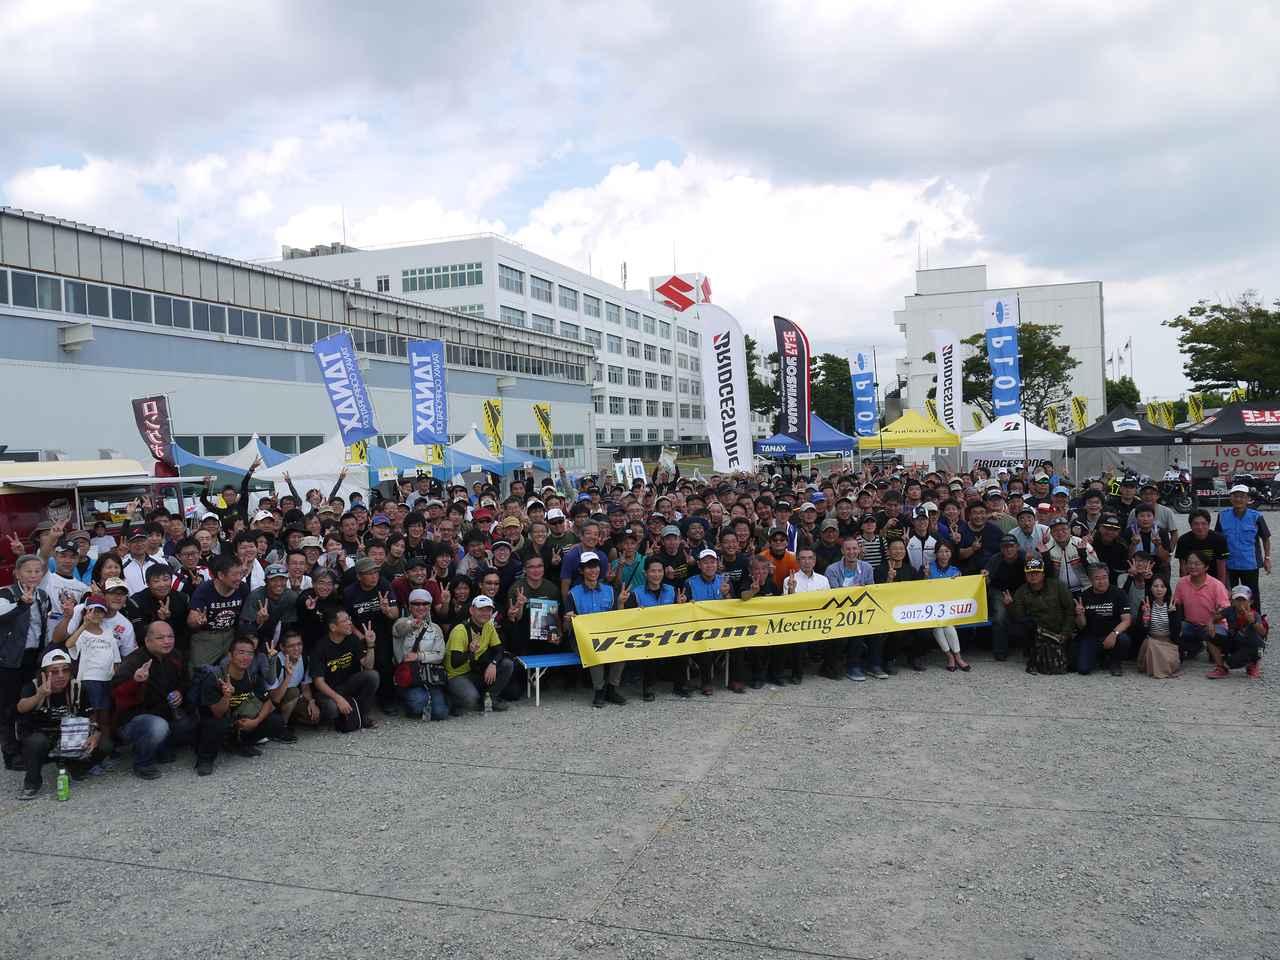 画像: 閉会式は、スズキ二輪代表取締役社長の濱本英信氏により、来年の開催が約束されると共に、集合写真の撮影が行われ無事閉幕となった。